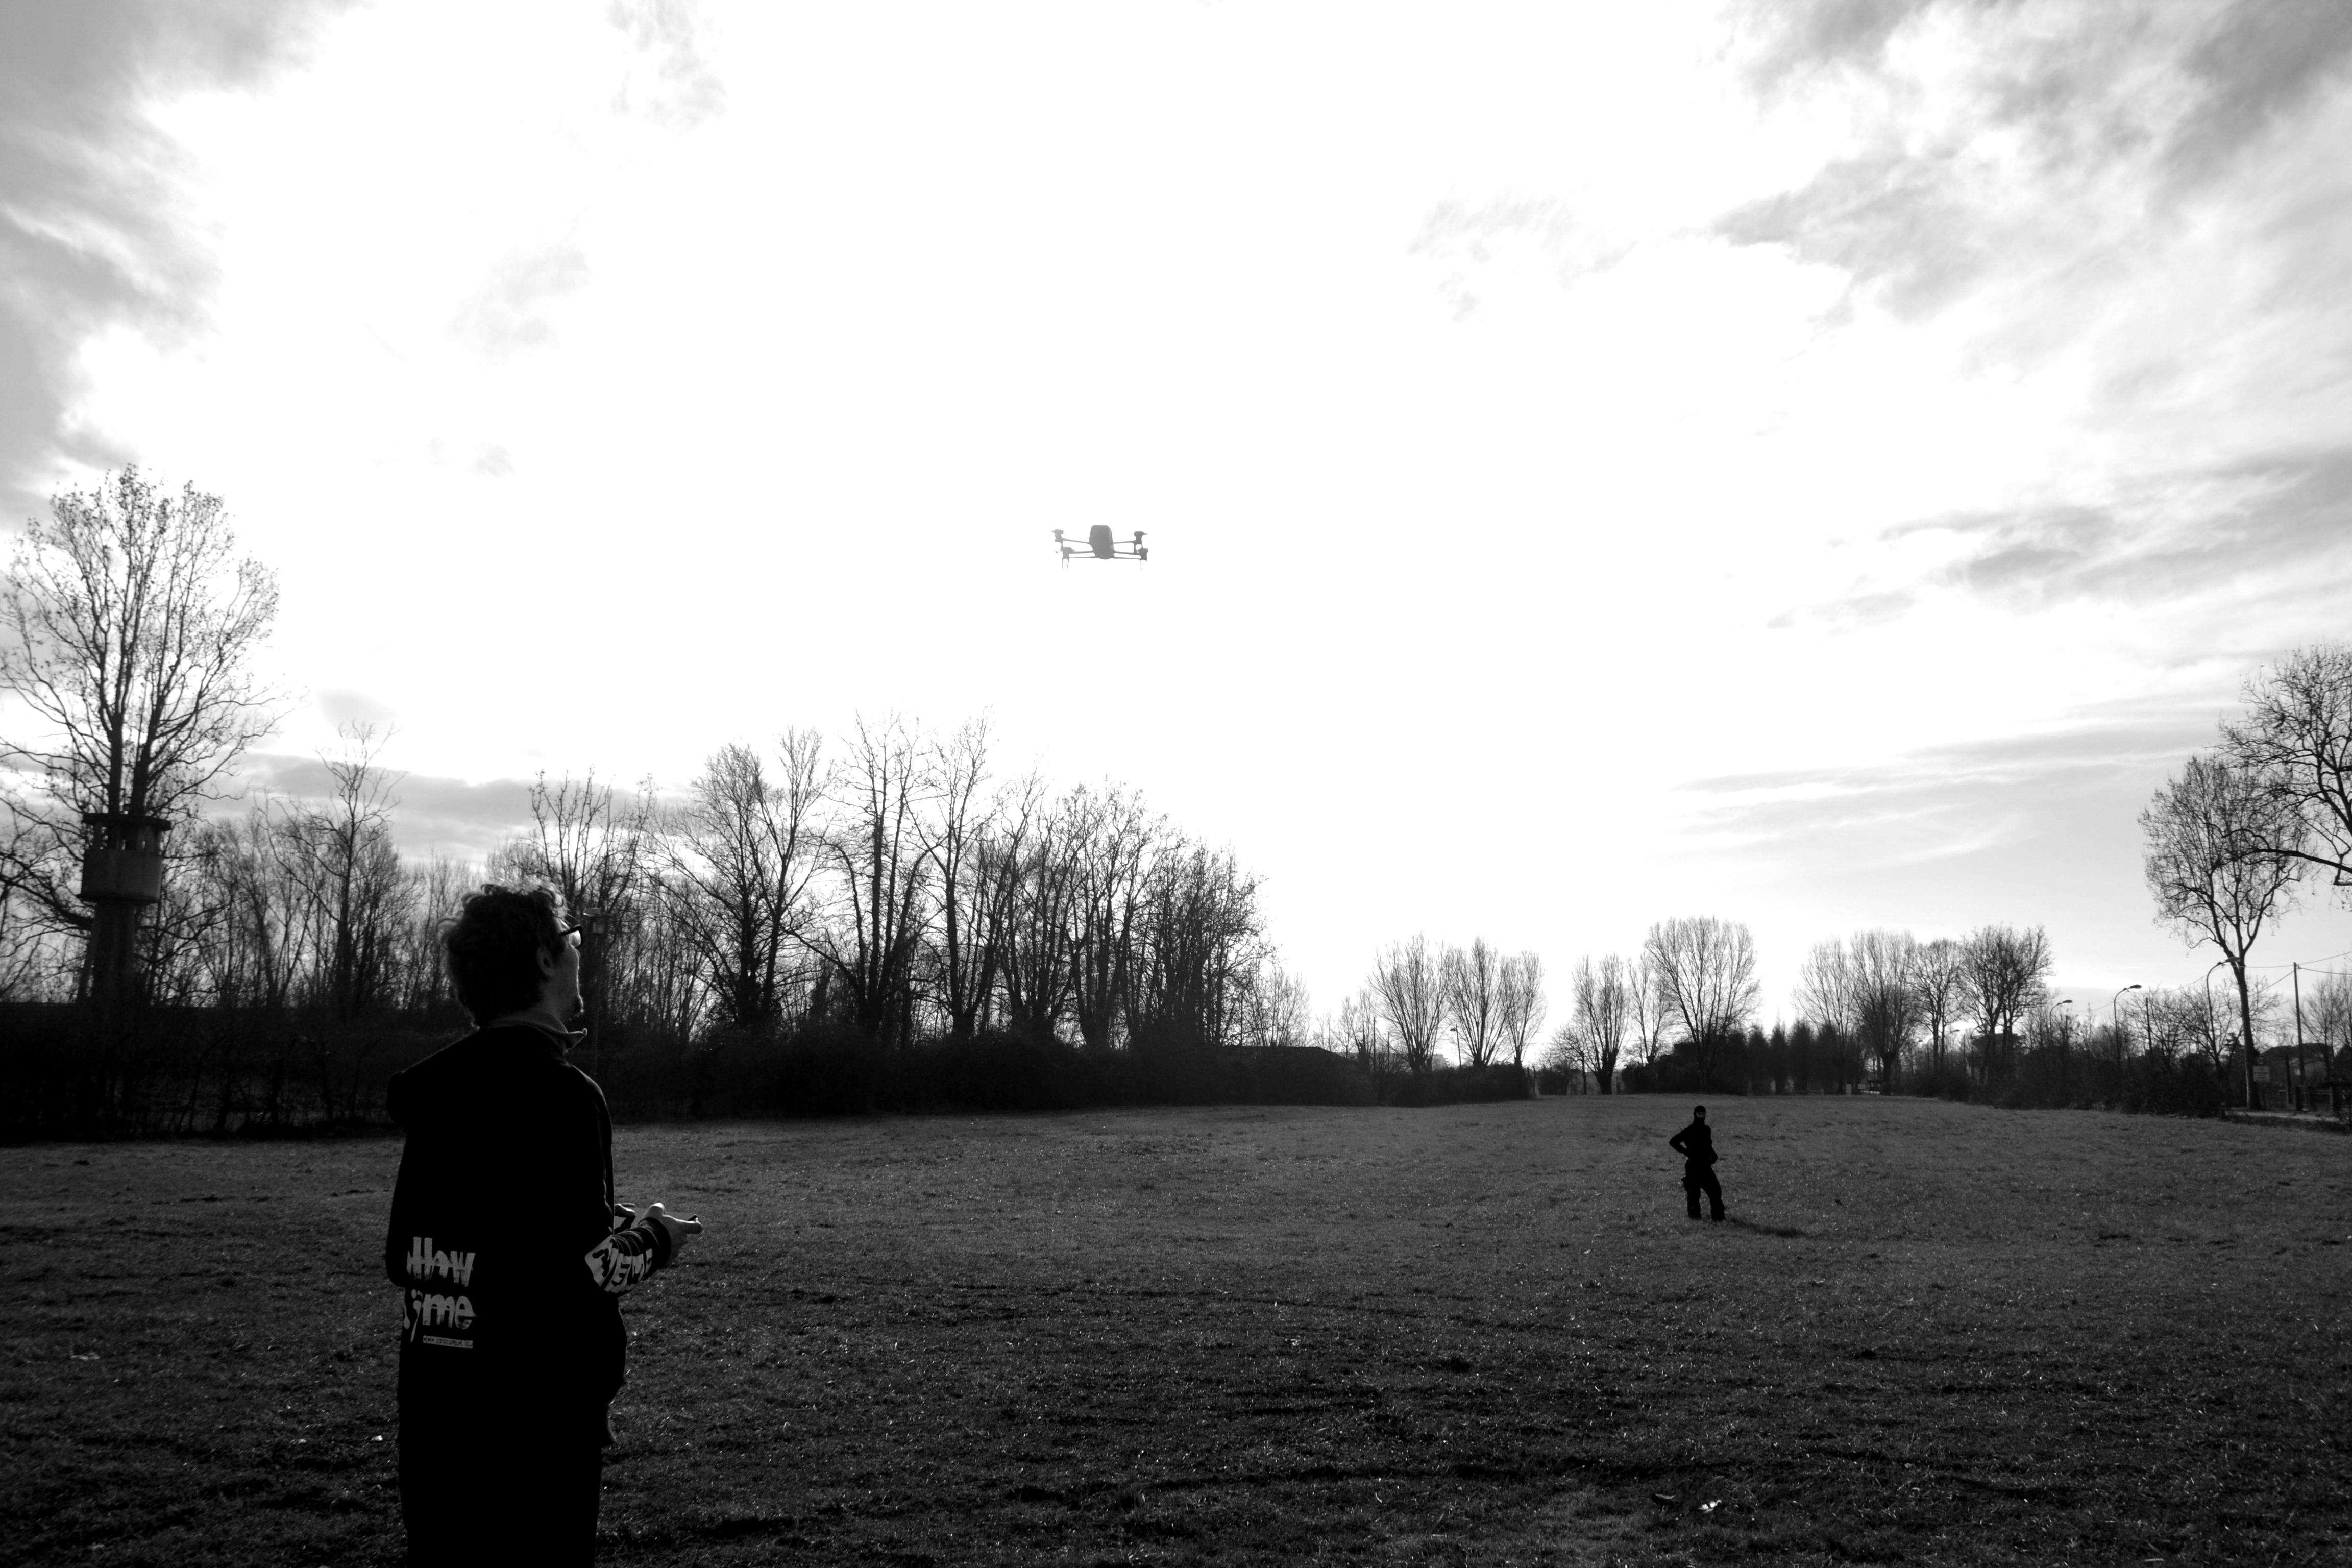 Riprese video videomaking modella spot pubblicità videomaking telecamere aeree drone action movie